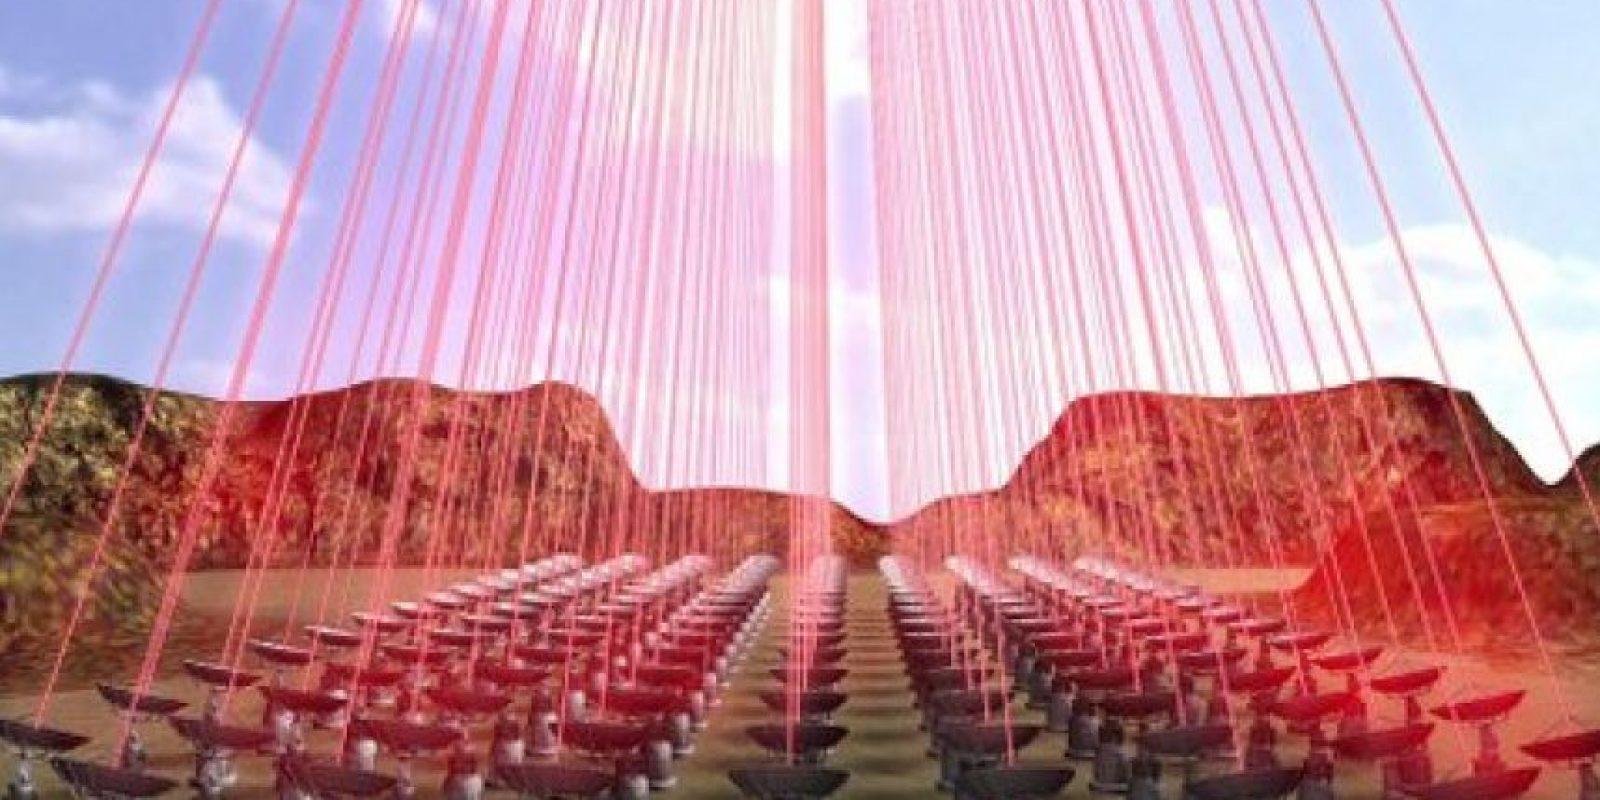 Y propulsada desde la Tierra a través de rayos láser Foto:Twitter.com